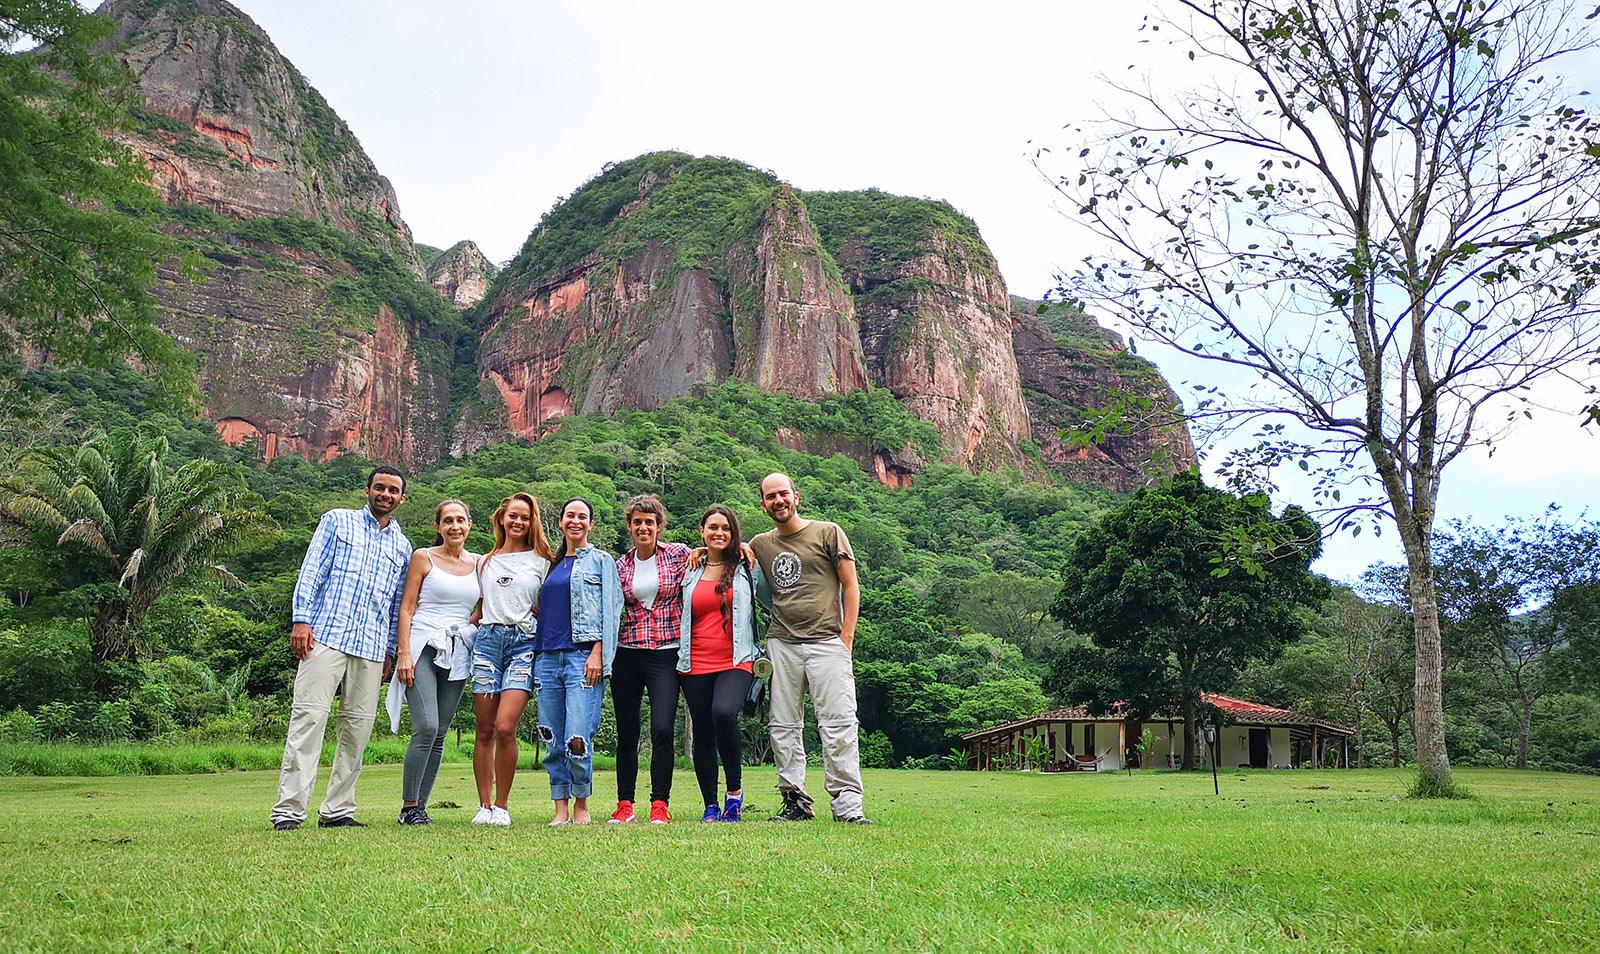 Un lugar perfecto para visitar con amigos. Vicente y su familia los recibirán con afecto.